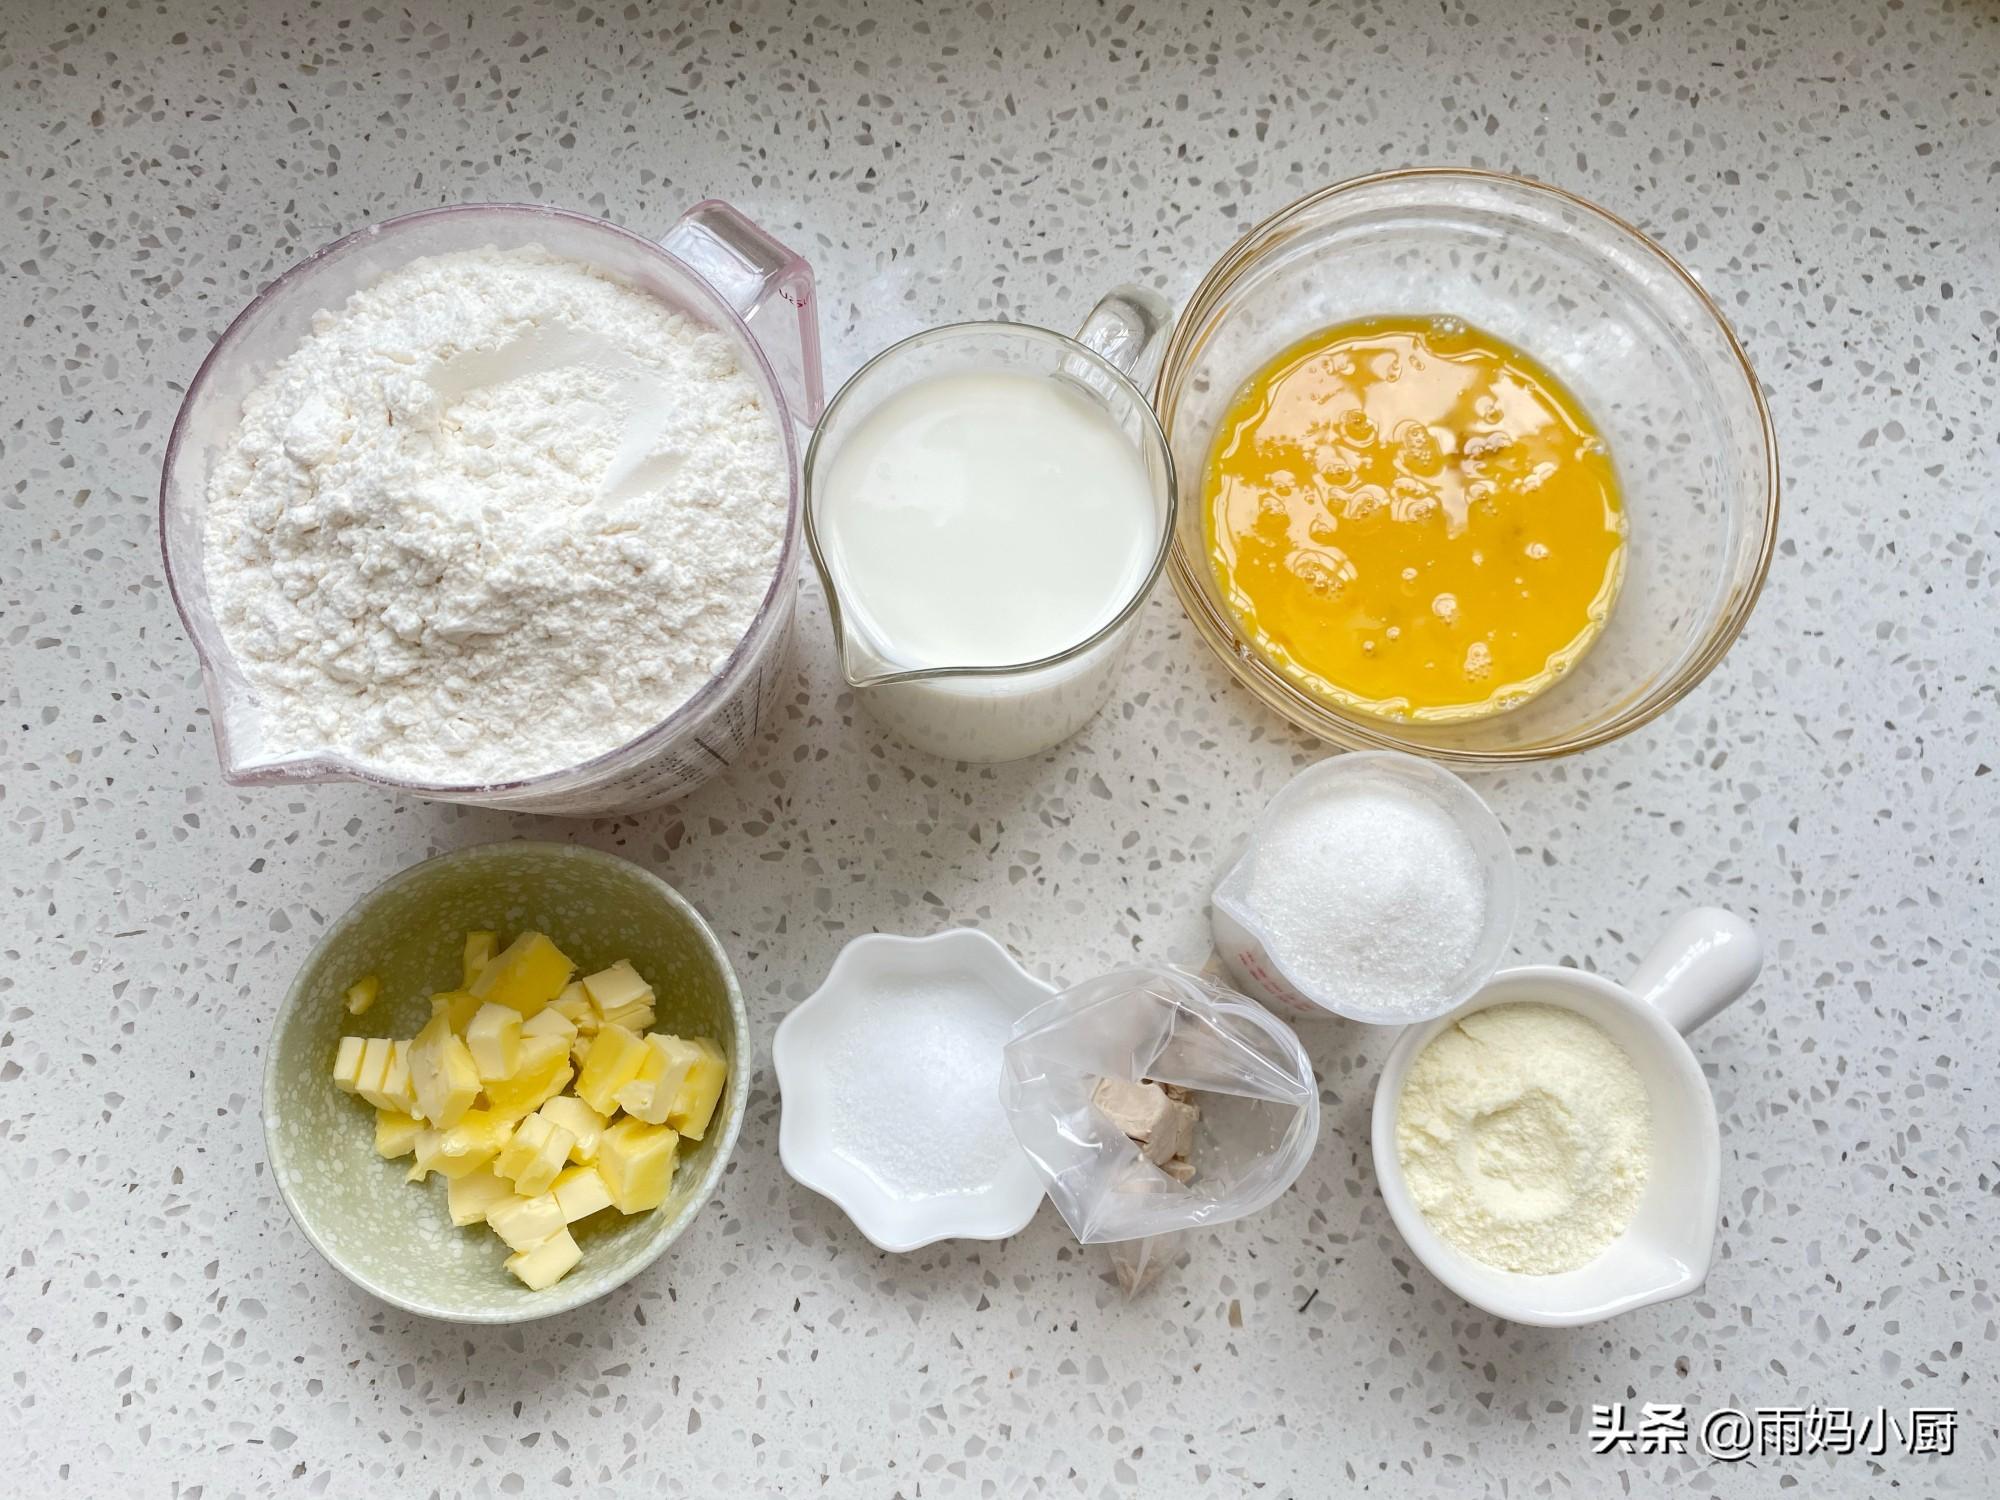 暑假,给孩子做早餐就用它,吃法多样又方便,组织拉丝又细腻